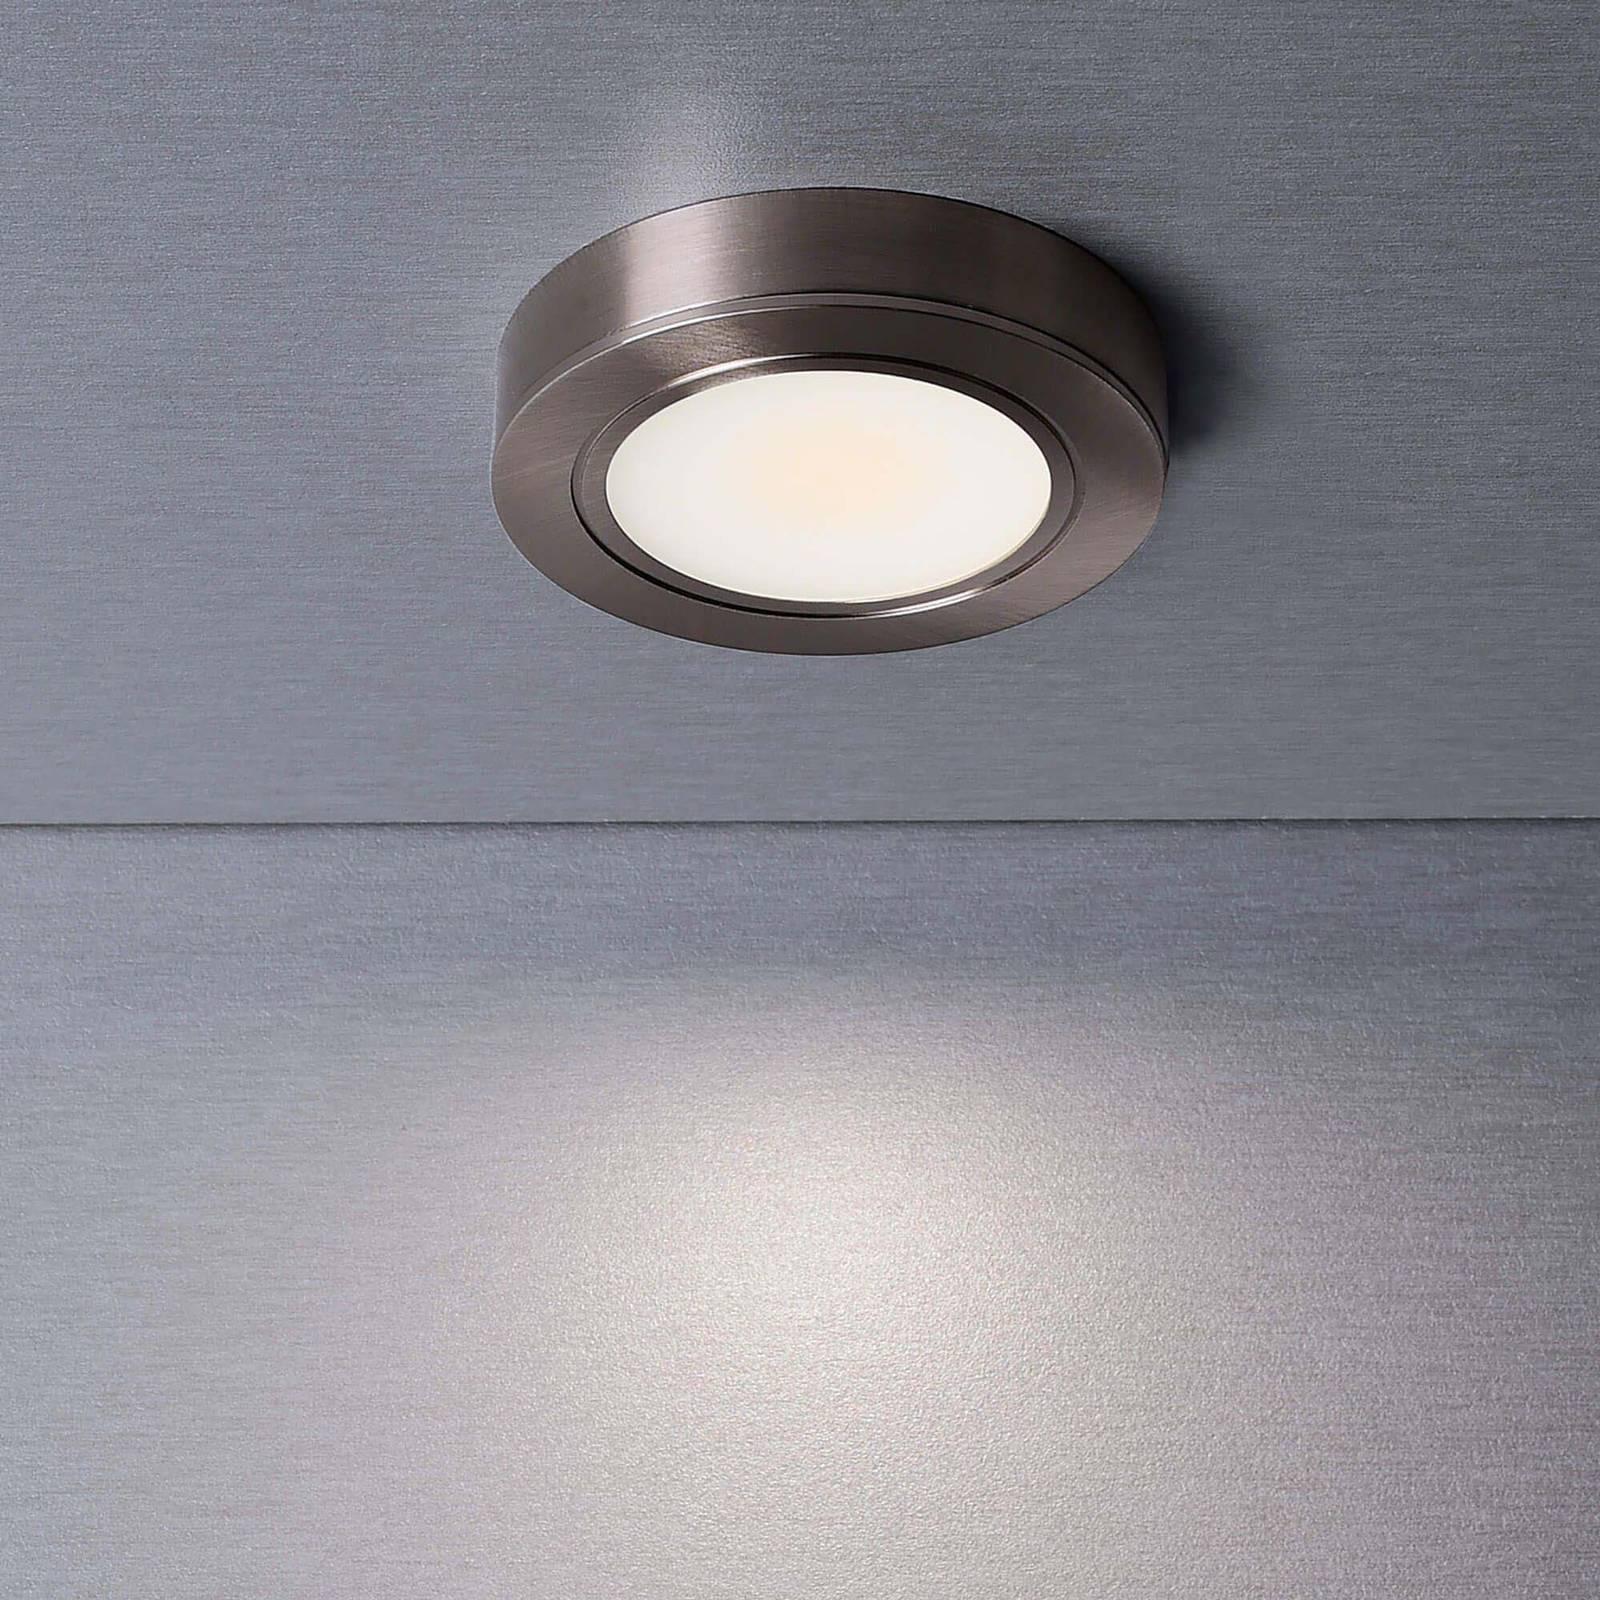 LED-kalustevalaisin Baham I, 3 kpl, Ø 6,2 cm